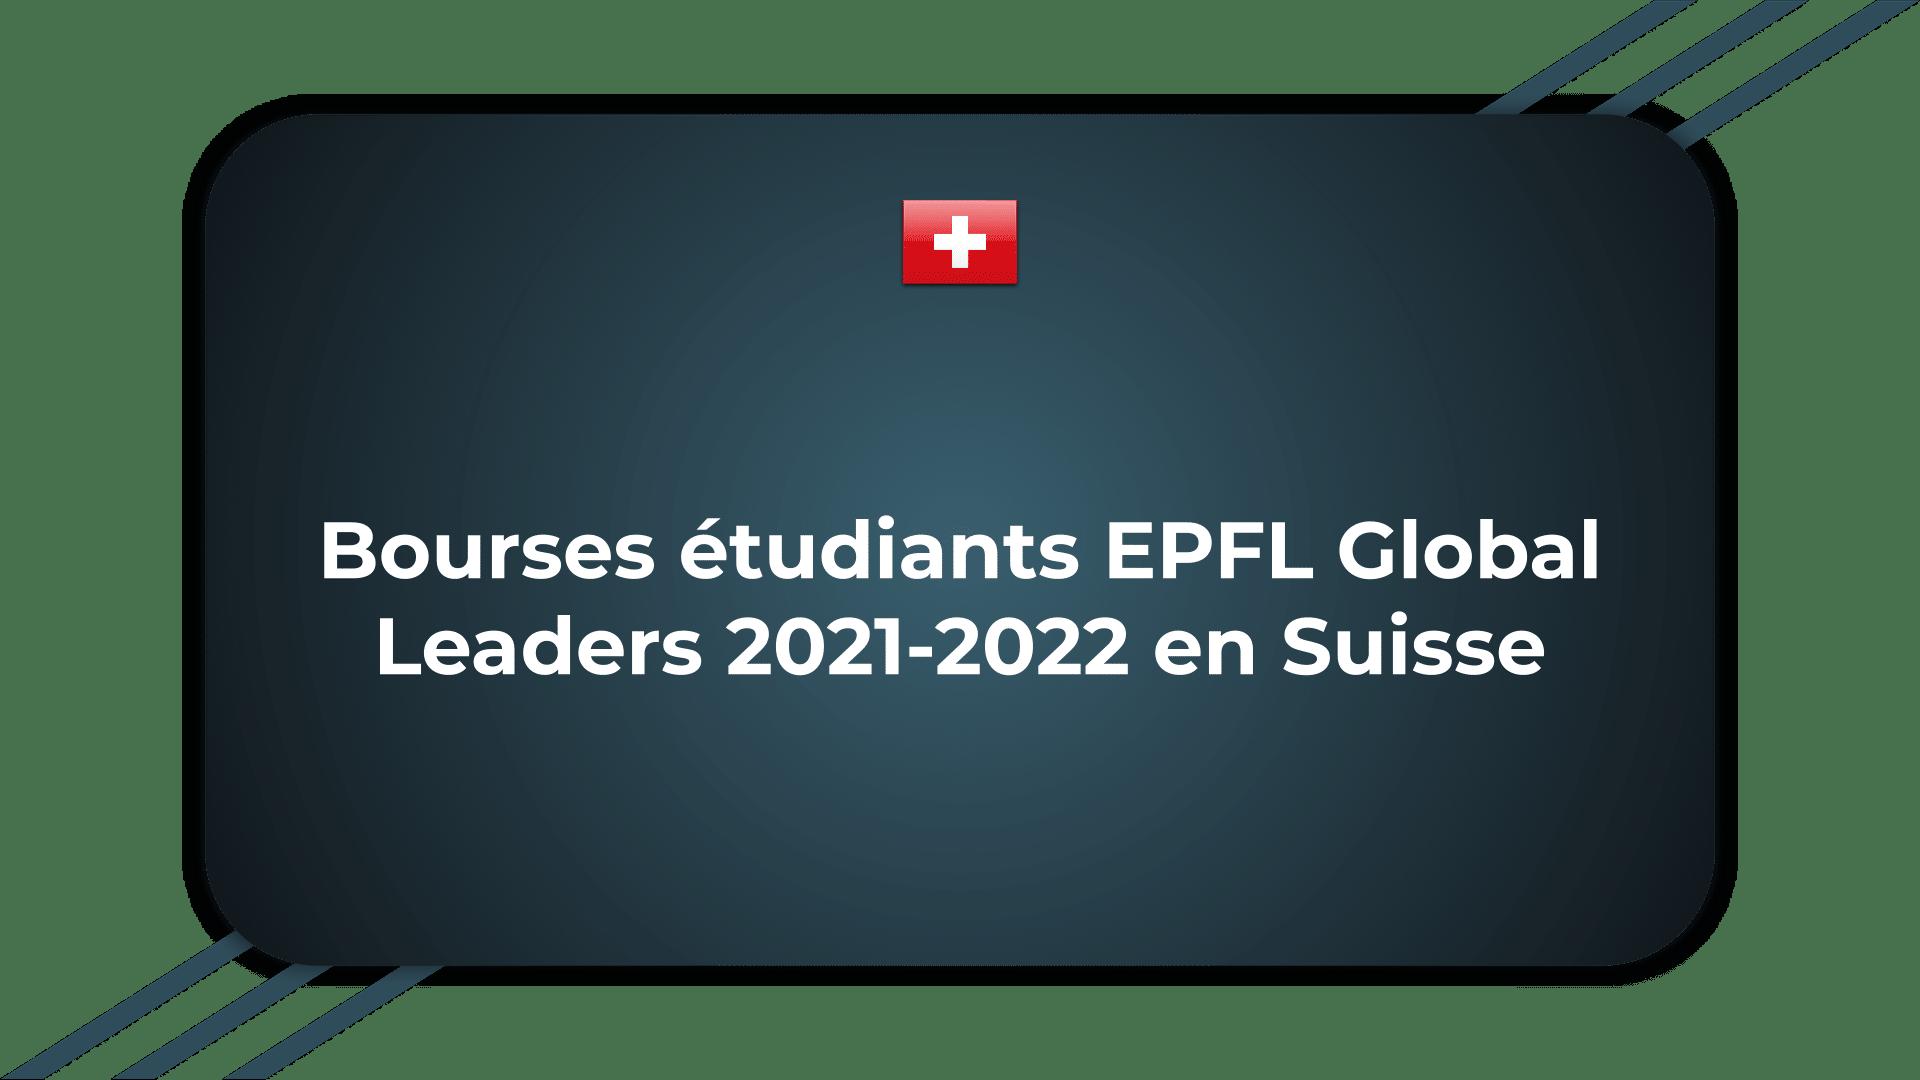 Bourses étudiants EPFL Global Leaders